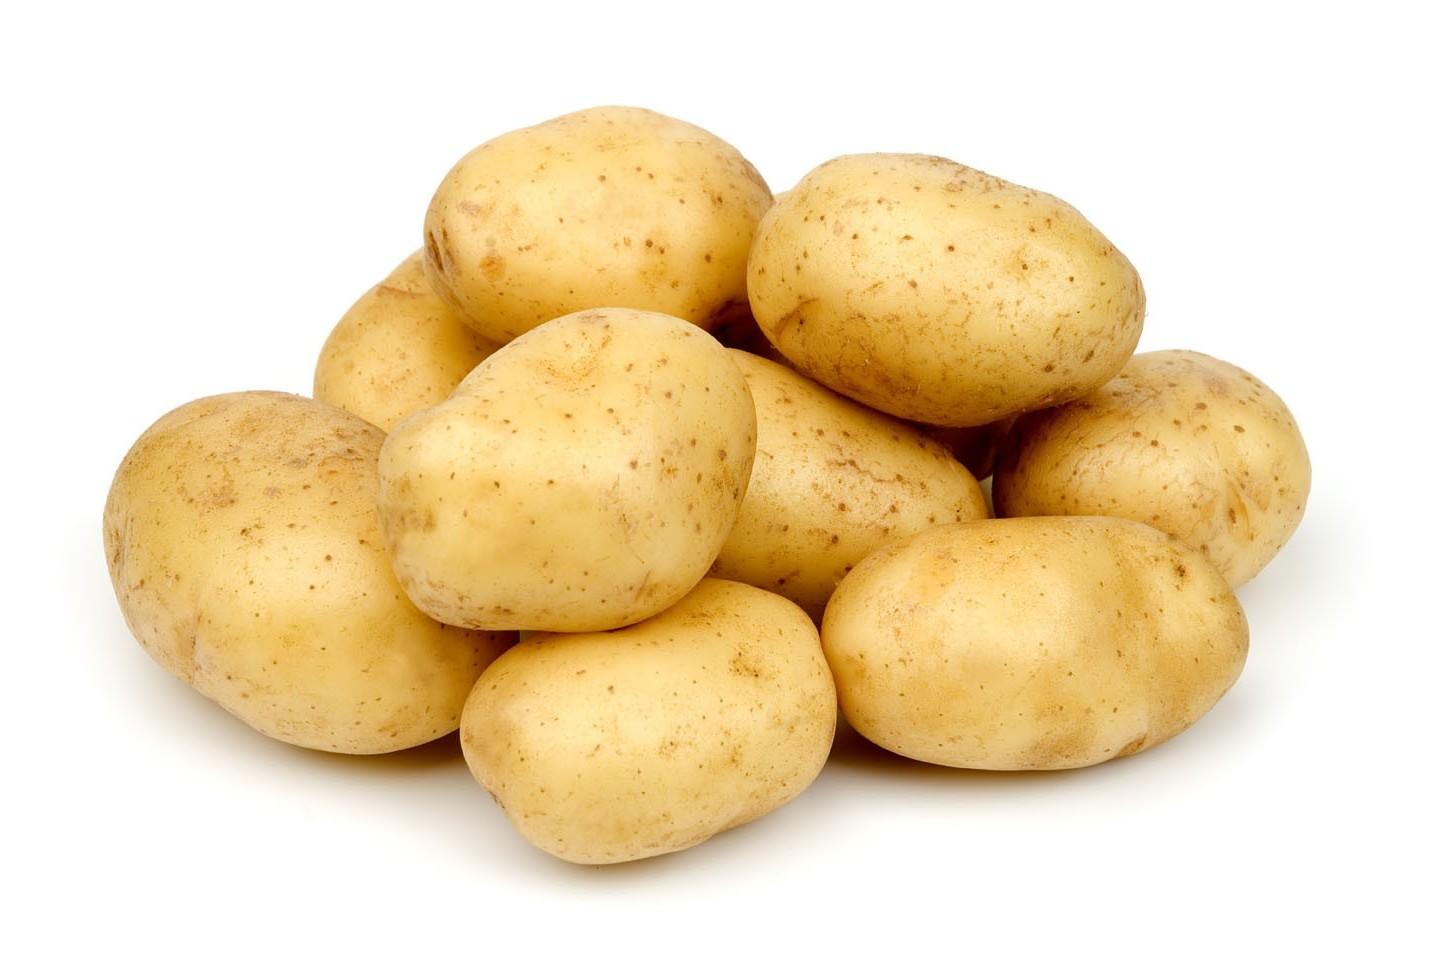 Картофель обладает высокой калорийностью и содержит много крахмала, поэтому от его чрезмерного употребления следует воздержаться лицам, склонным к ожирению и страдающим сахарным диабетом